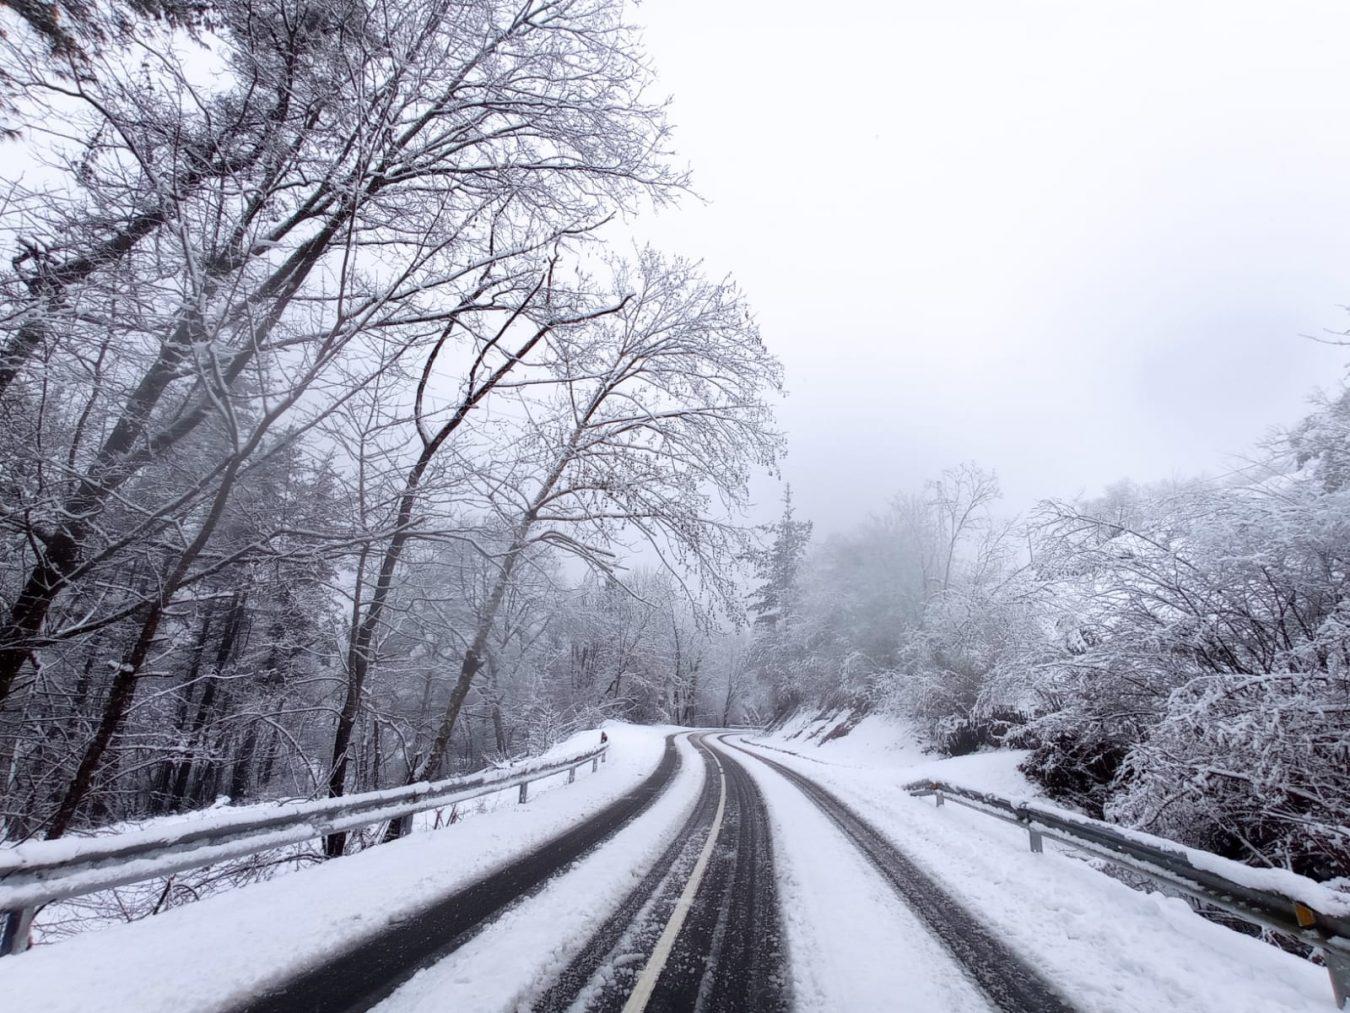 La nieve empeora el estado de las carreteras en el oriente de Asturias mientras denuncian el abandono del servicio de conservación